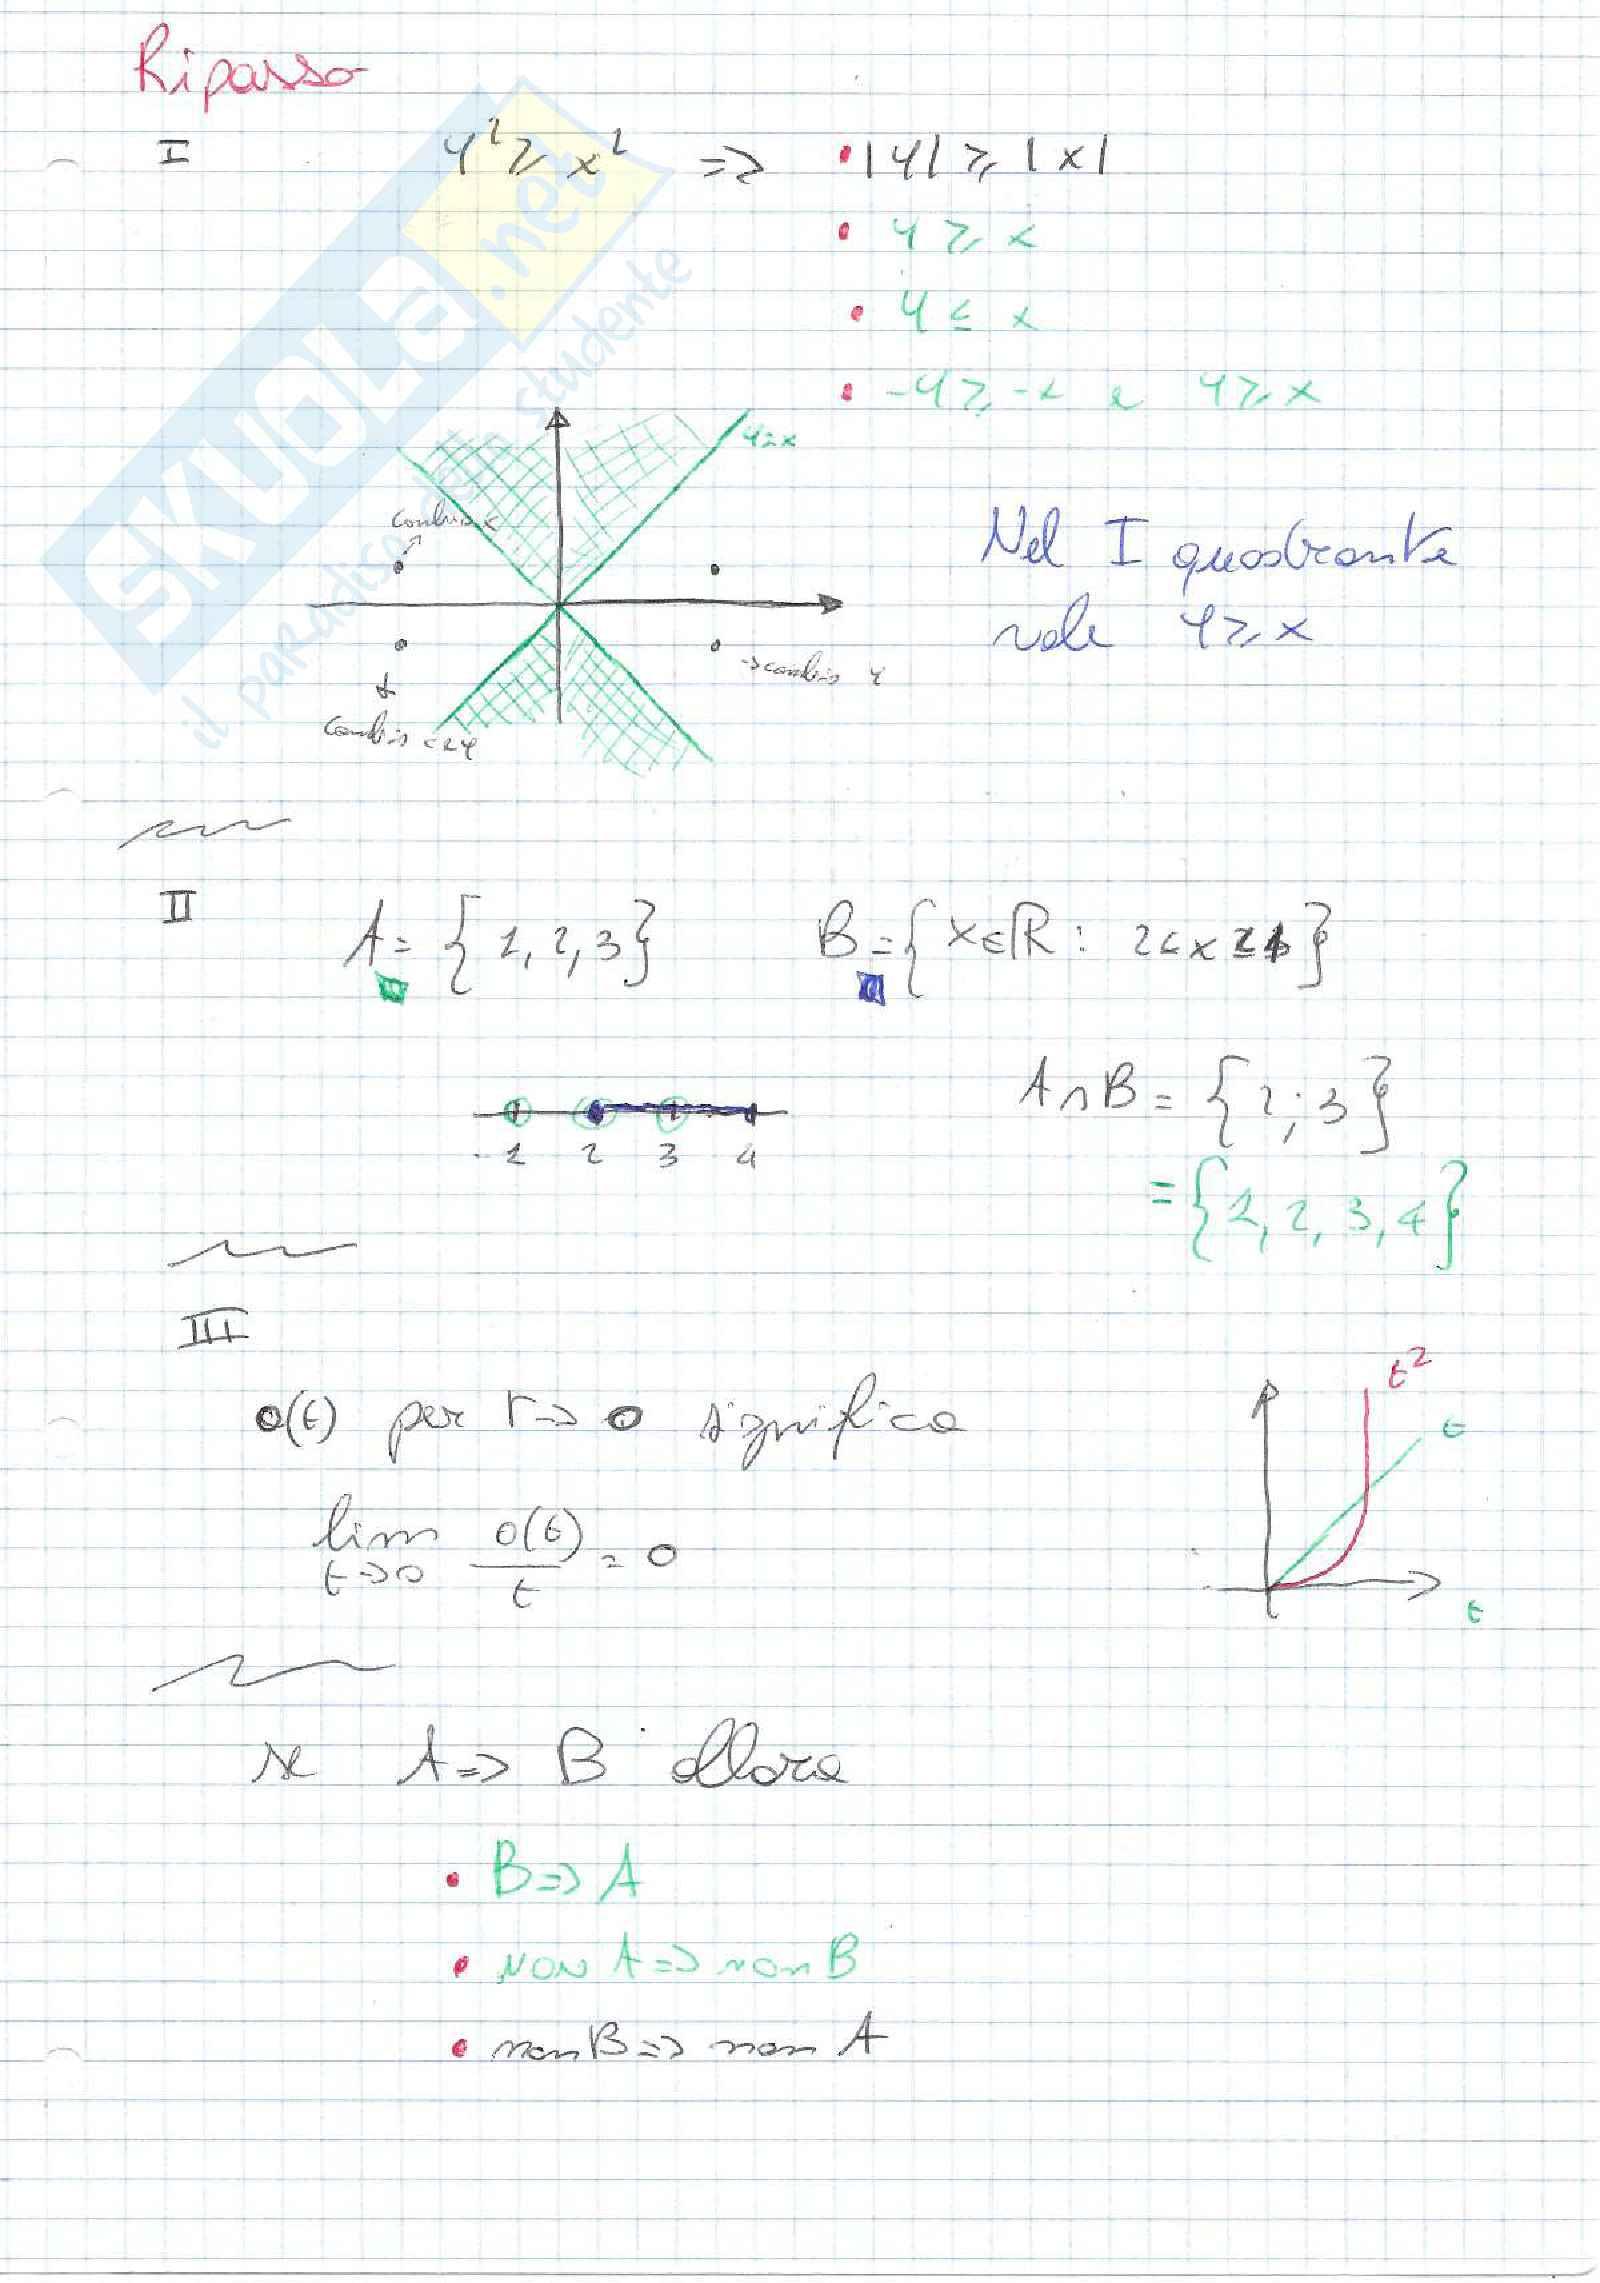 Analisi 2 - parte 1